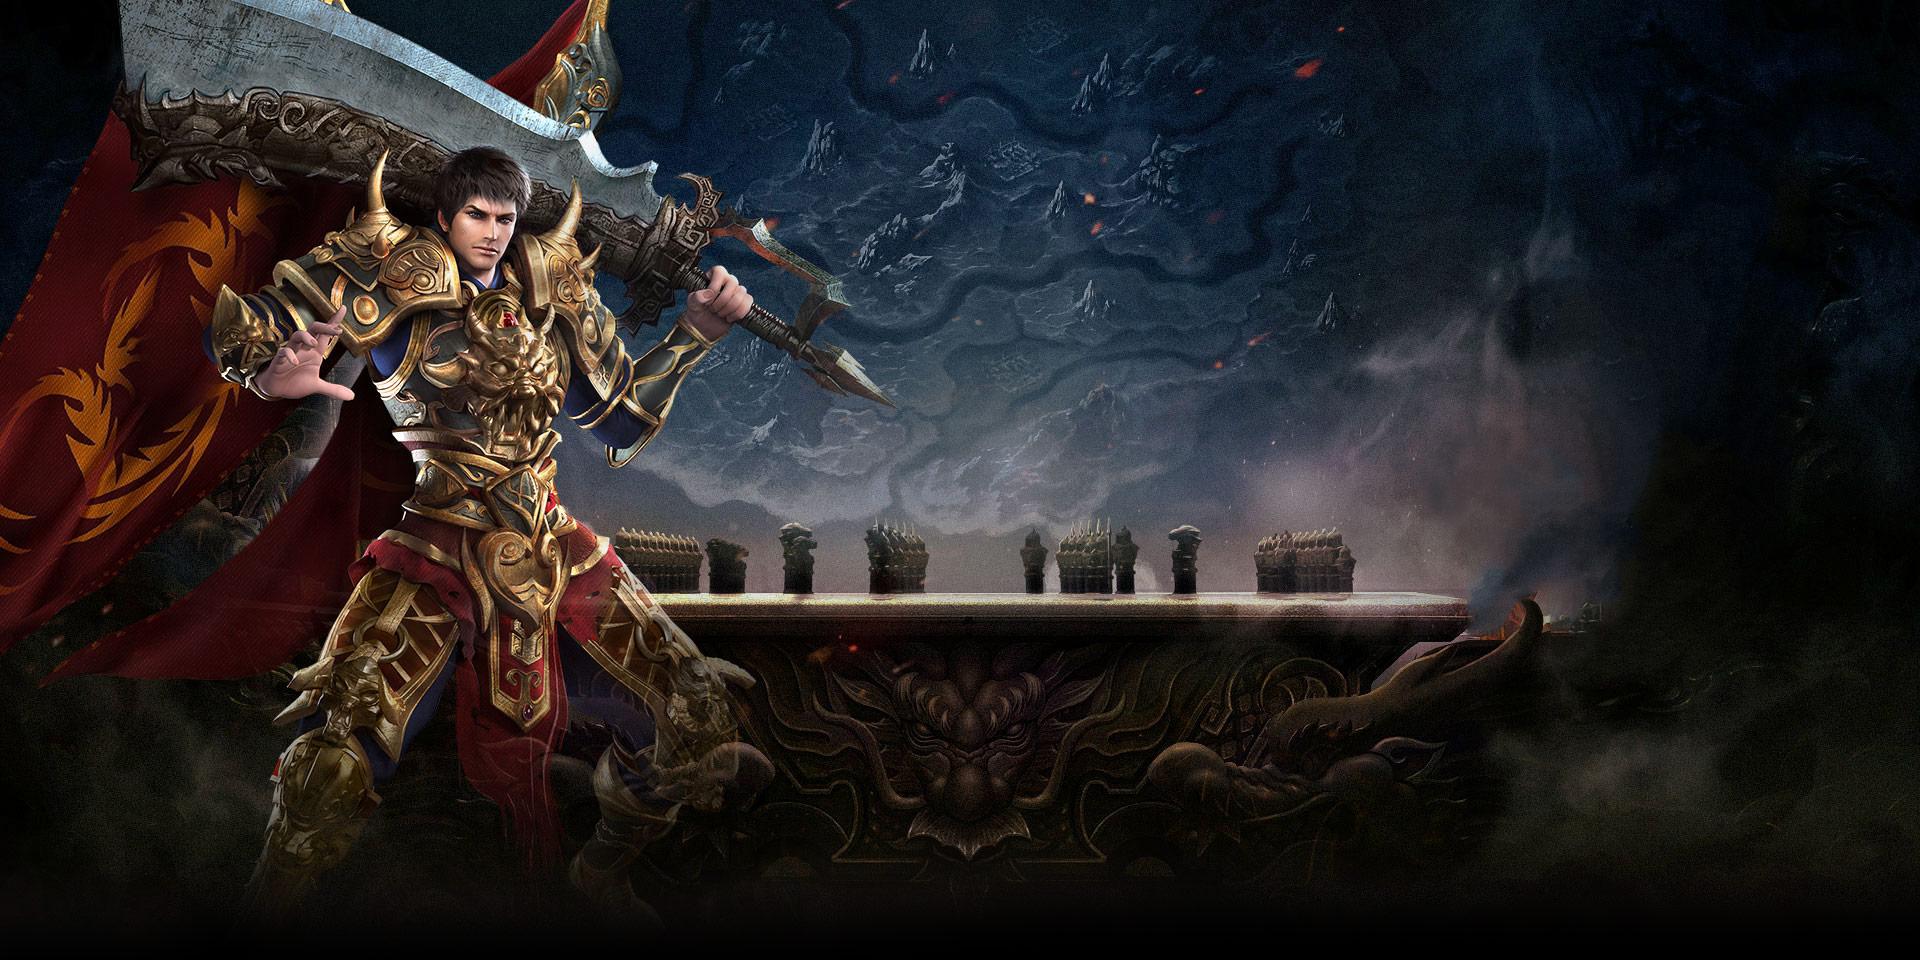 网页游戏推荐 《创世OL》每日在线4小时,即可免费领取大量元宝+神石传承石